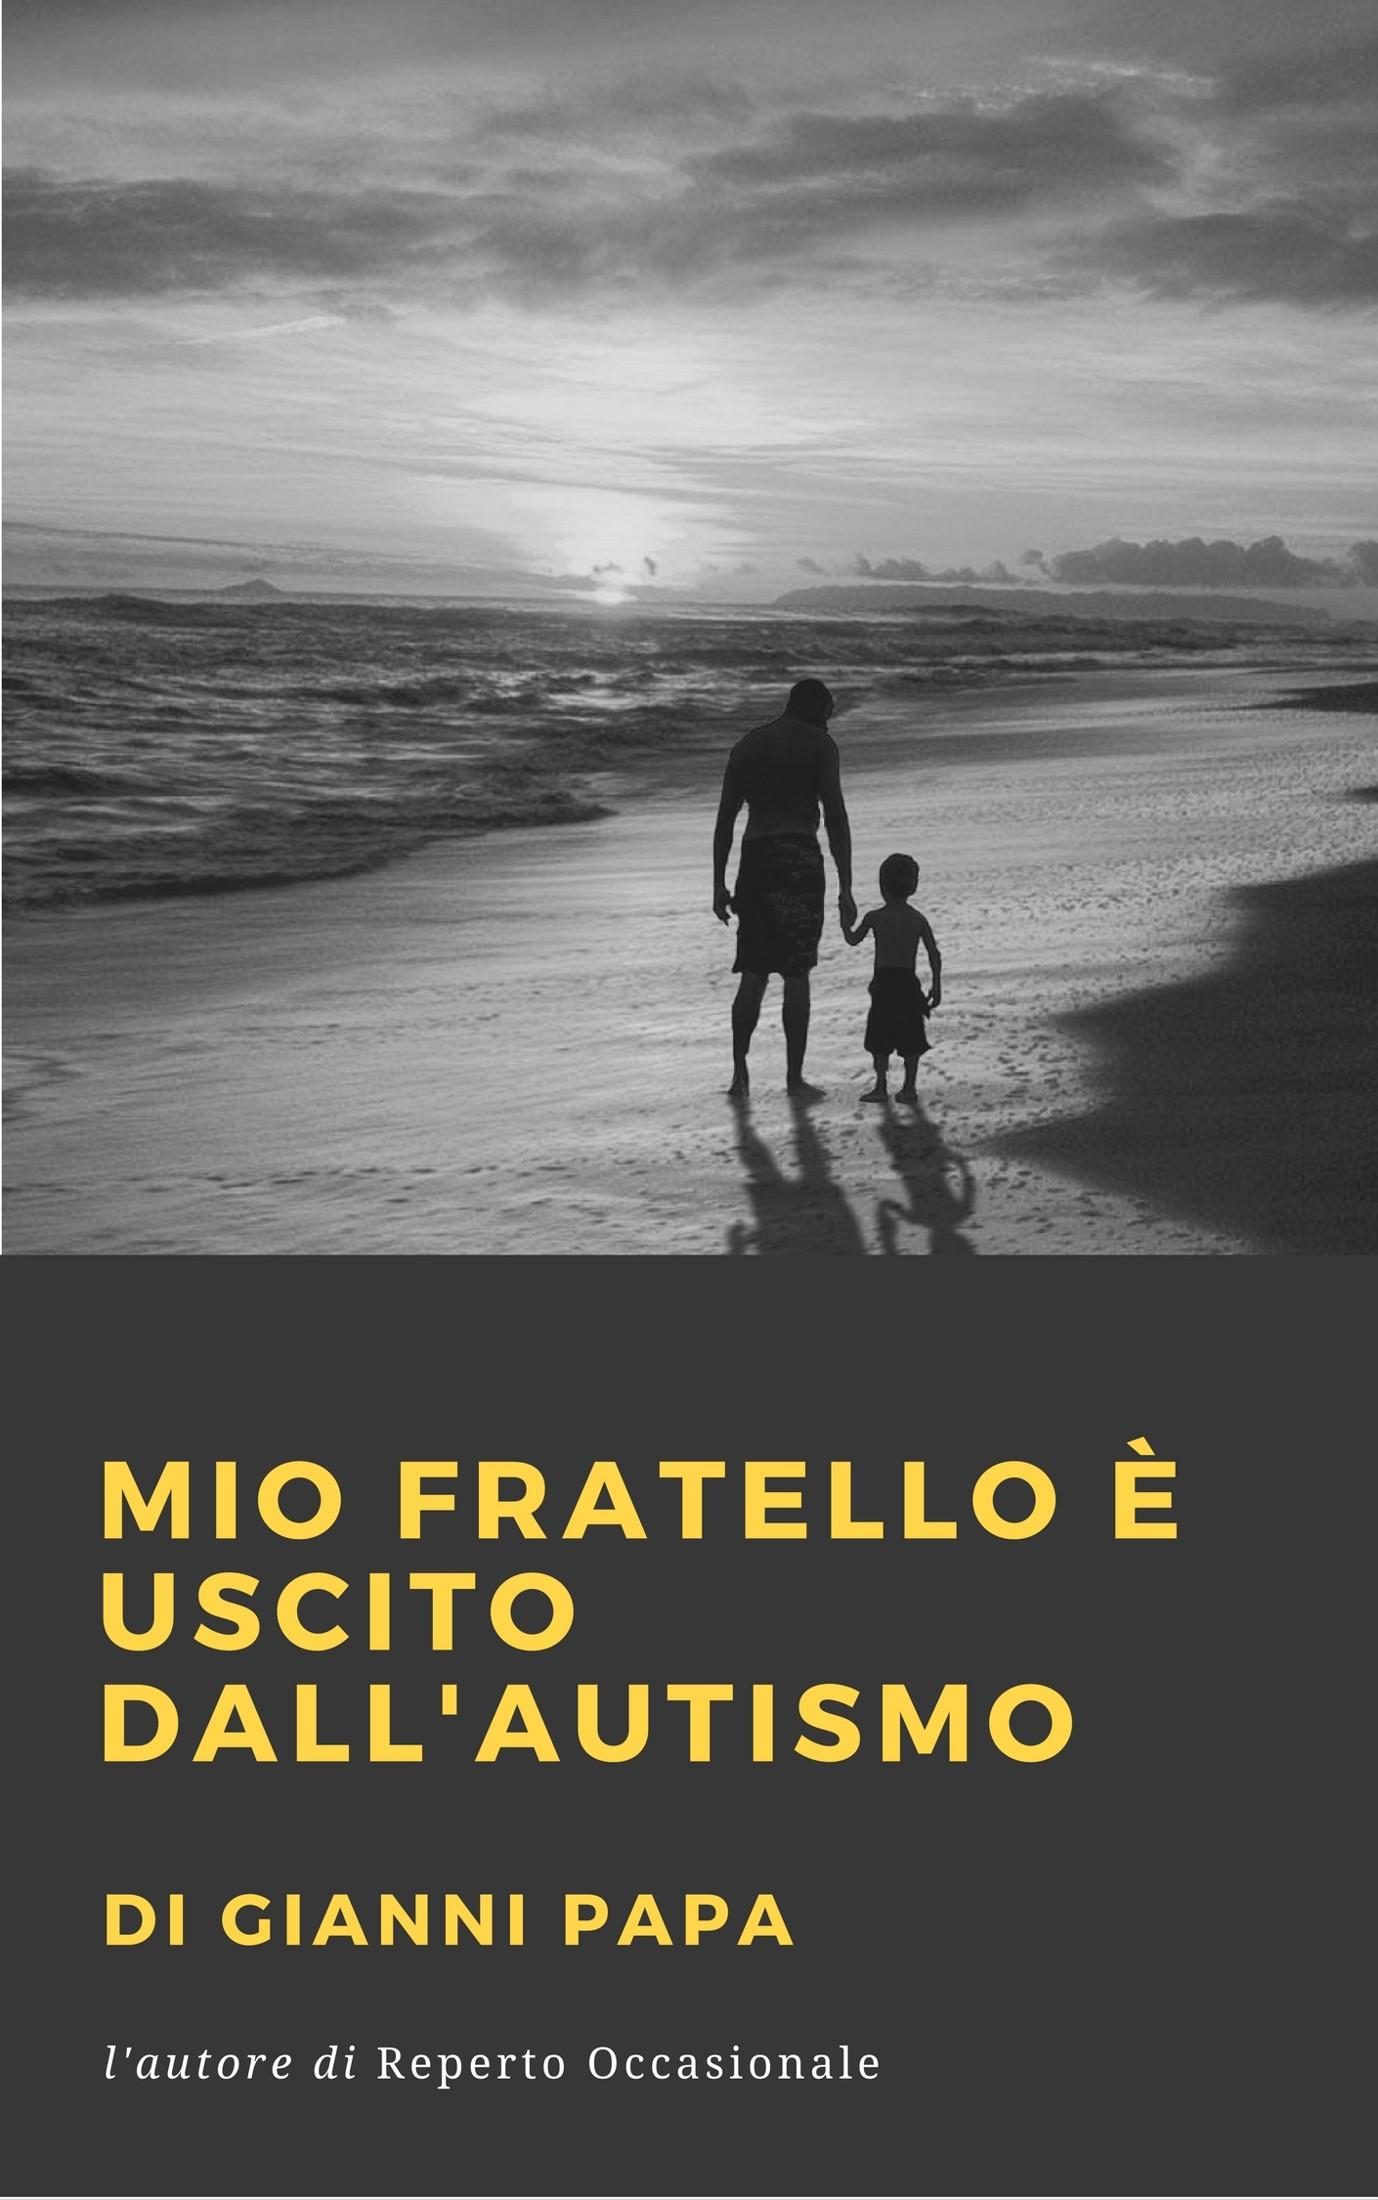 IL NUOVO ROMANZO DI GIANNI PAPA Dall'autismo si può uscire? E come? Venite a scoprirlo nel nuovo romanzo di Gianni Papa.